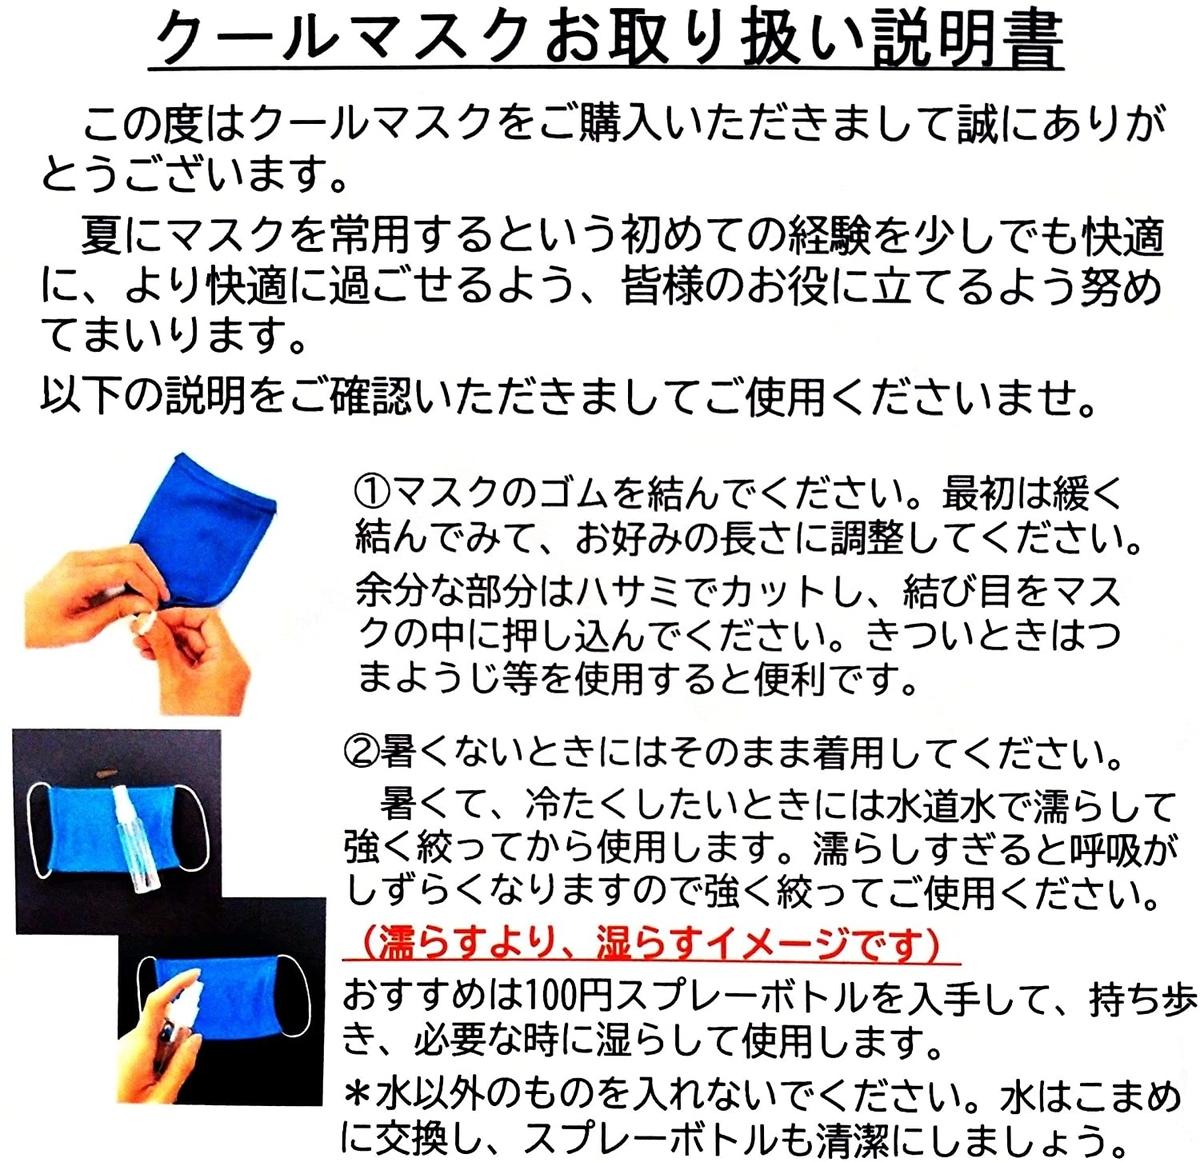 f:id:KAMP-Yokohama:20200706000710j:plain